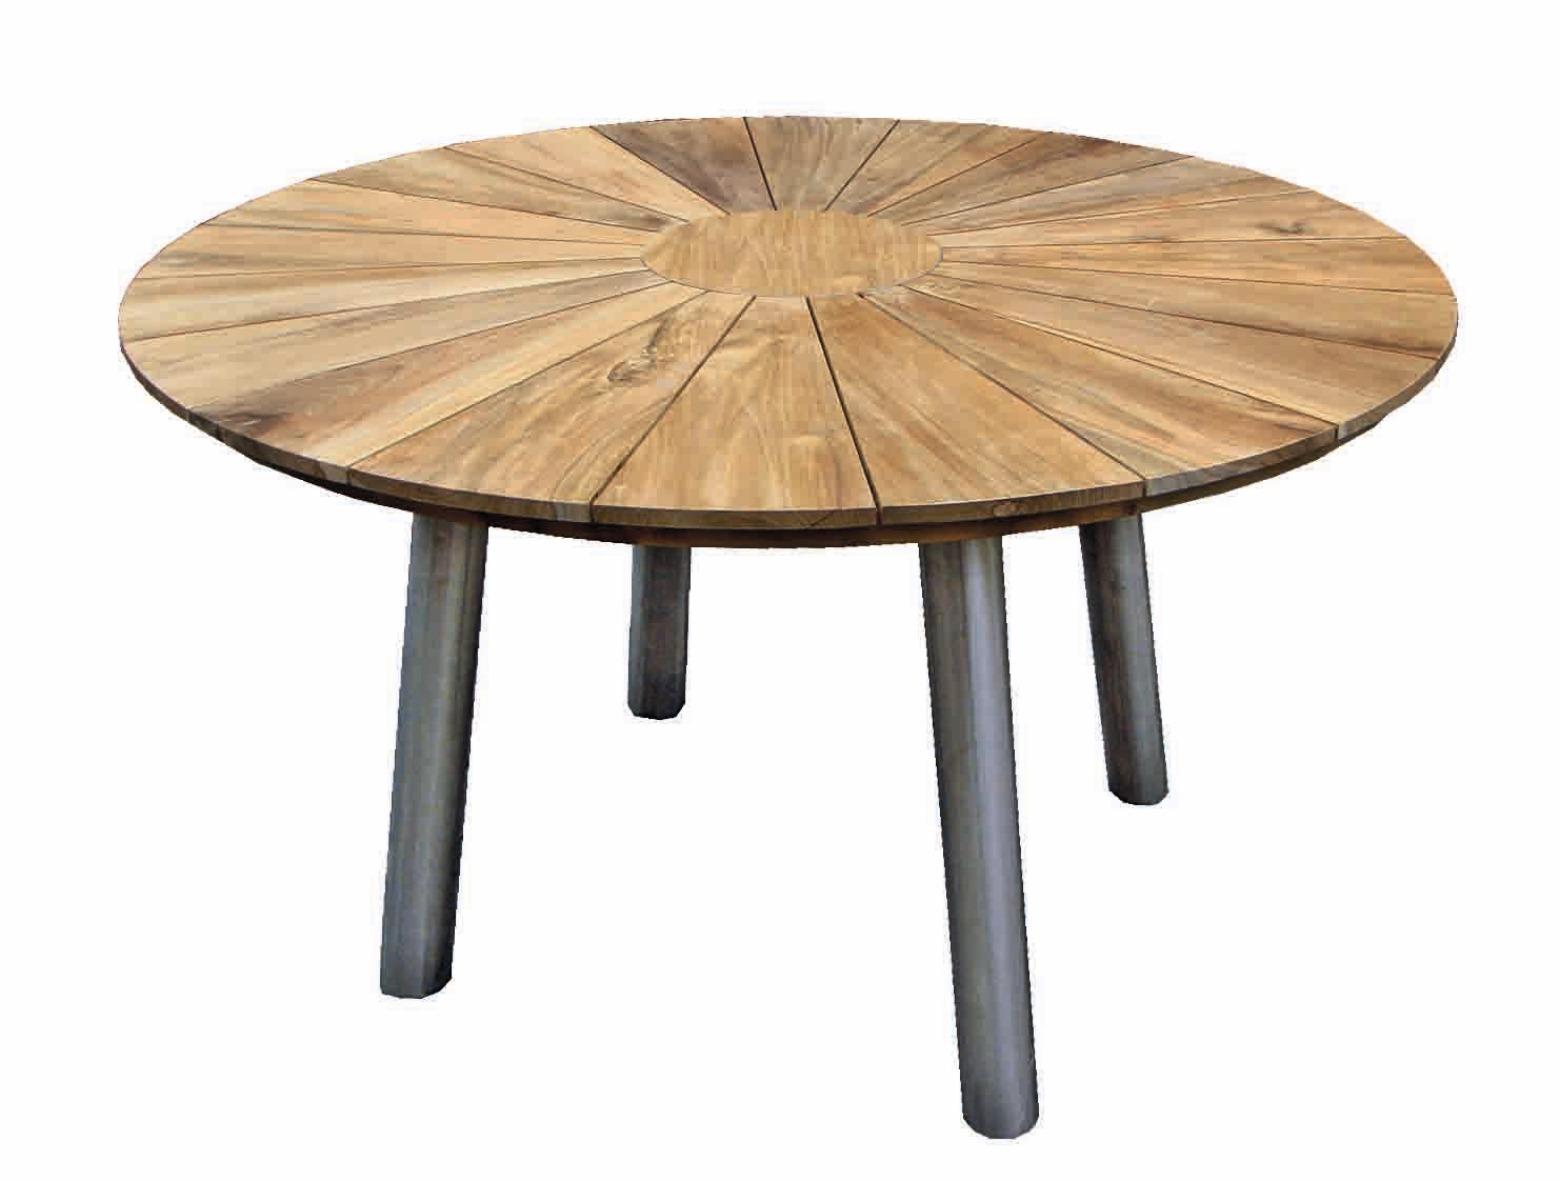 garten tisch fjord rund aus teakholz mit edelstahl gestell casamia wohnen. Black Bedroom Furniture Sets. Home Design Ideas